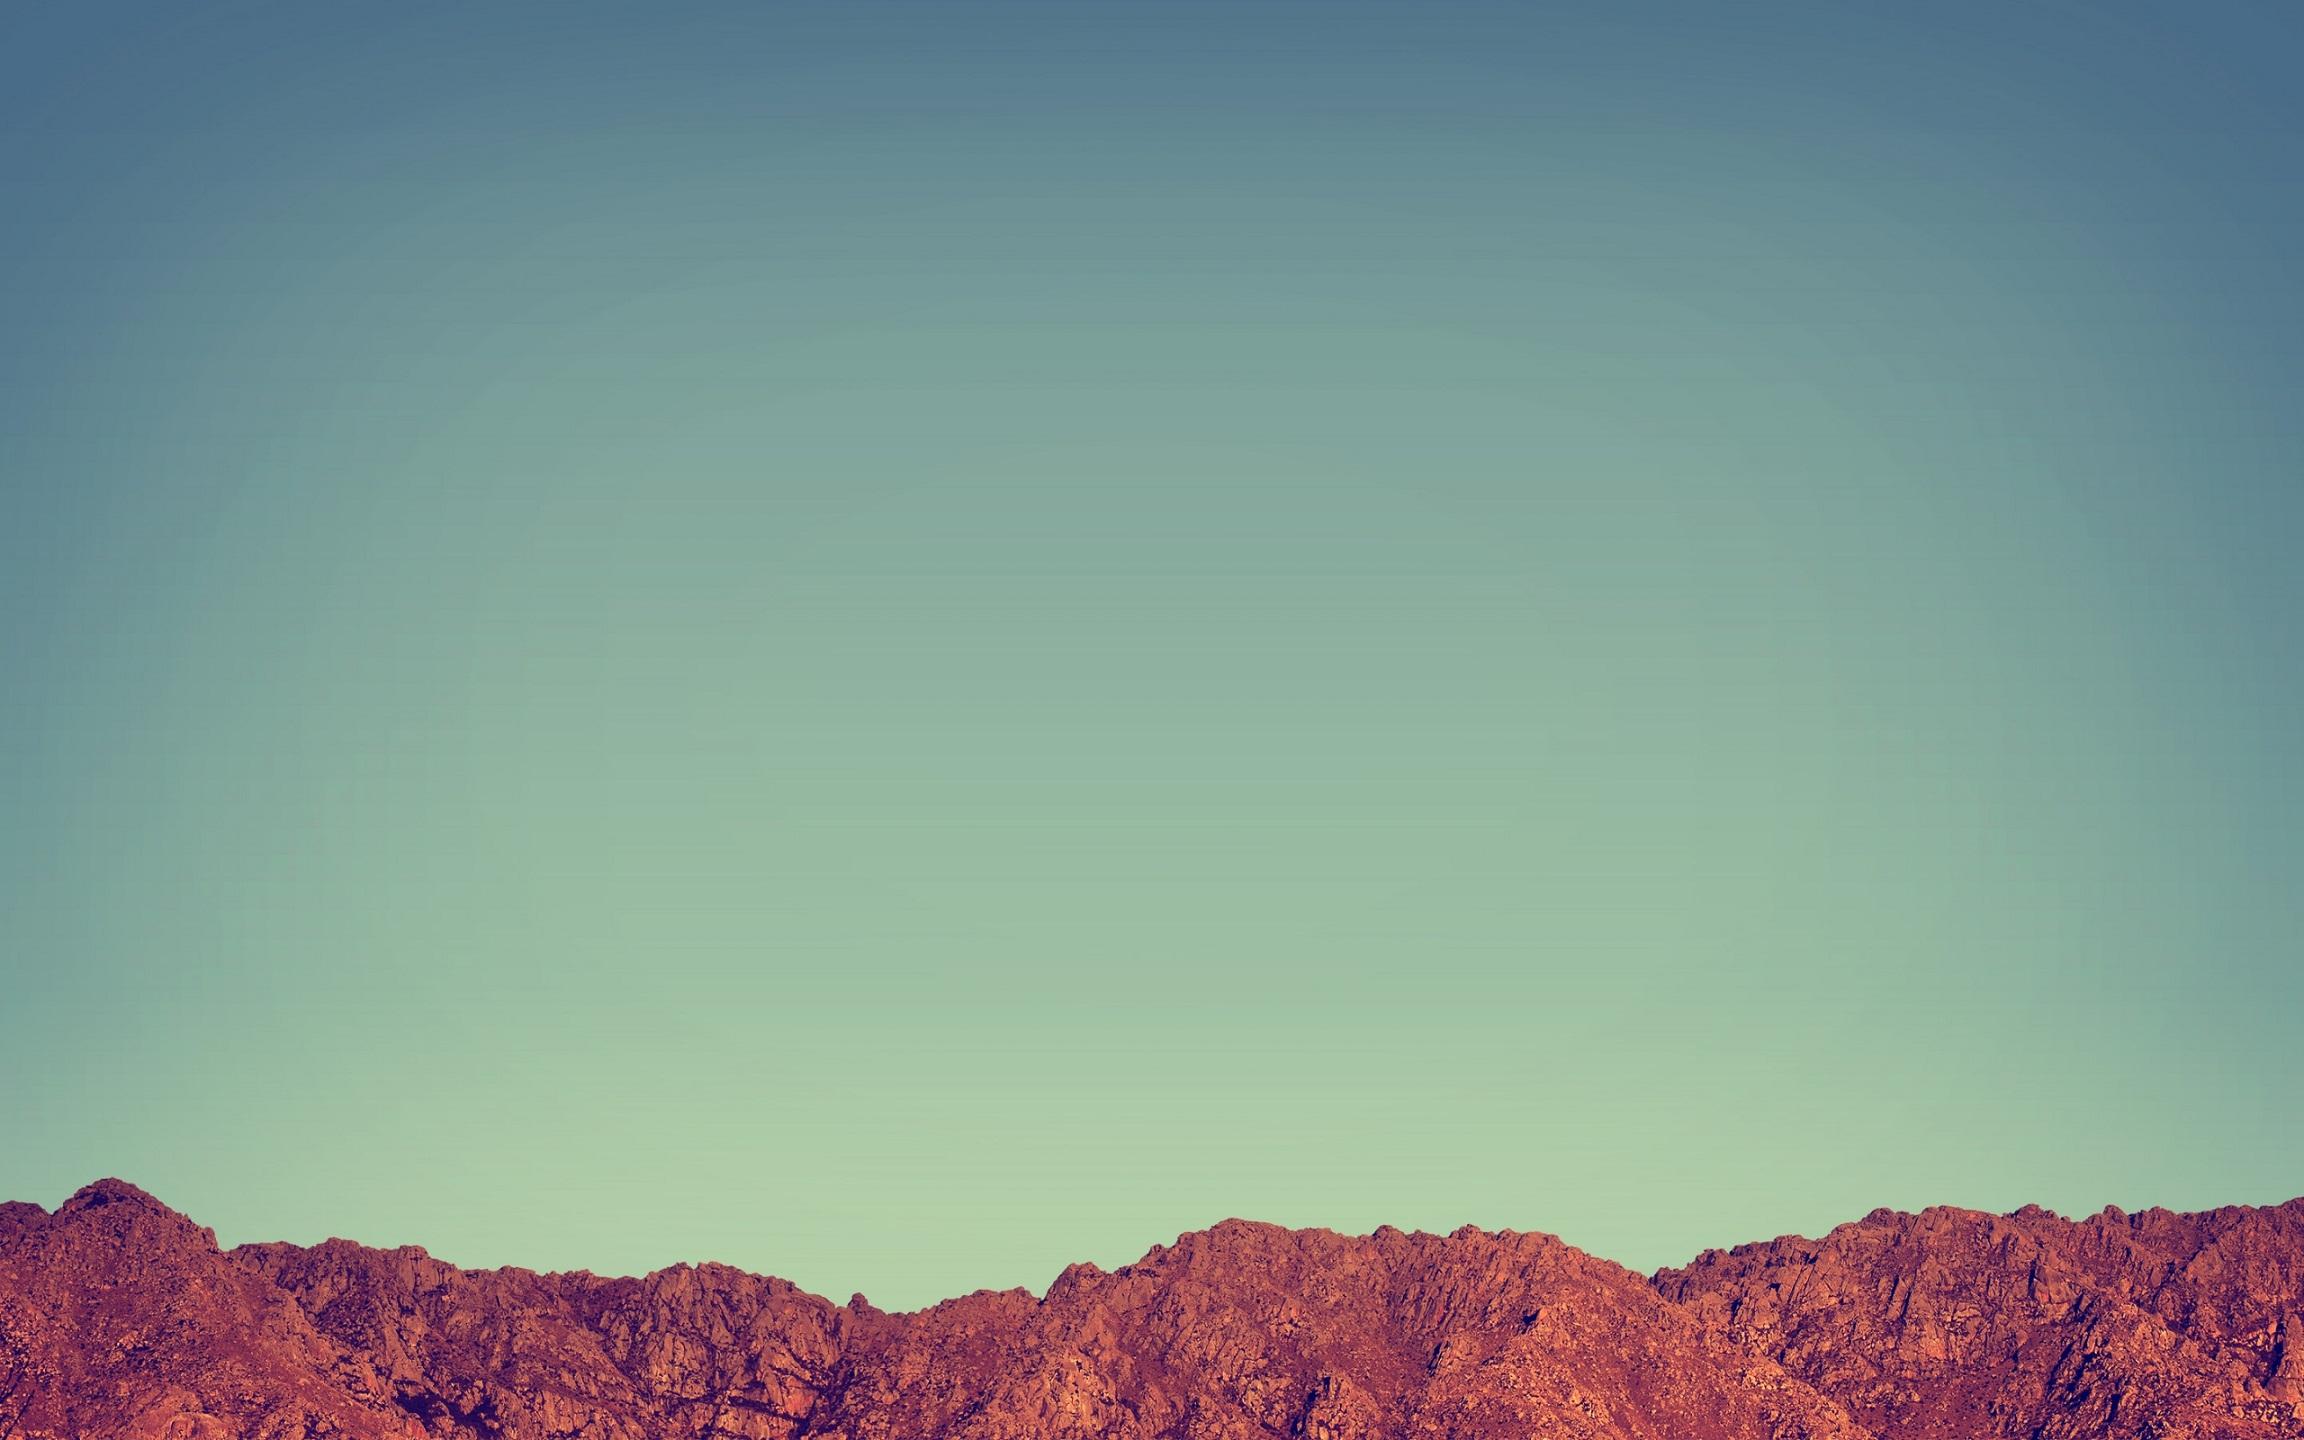 macbook pro retina wallpaper tumblr wallpaper details 2304x1440